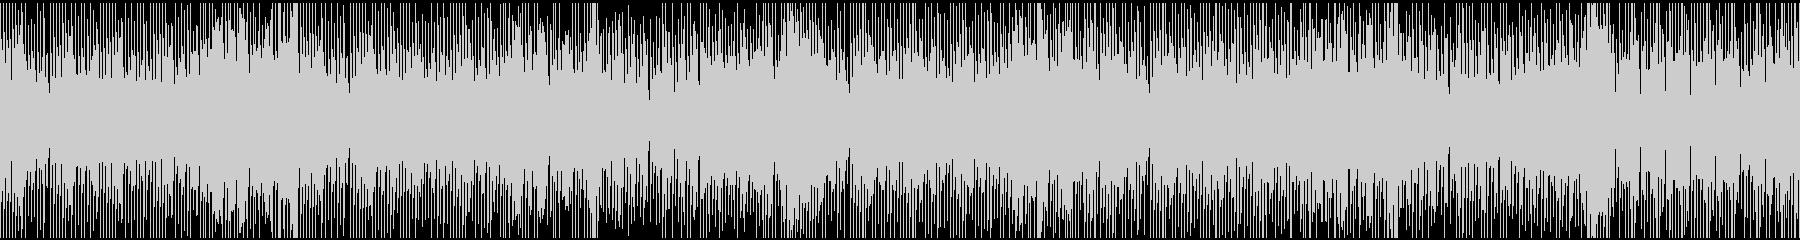 オープニング向き、軽快なBGM(ループ)の未再生の波形